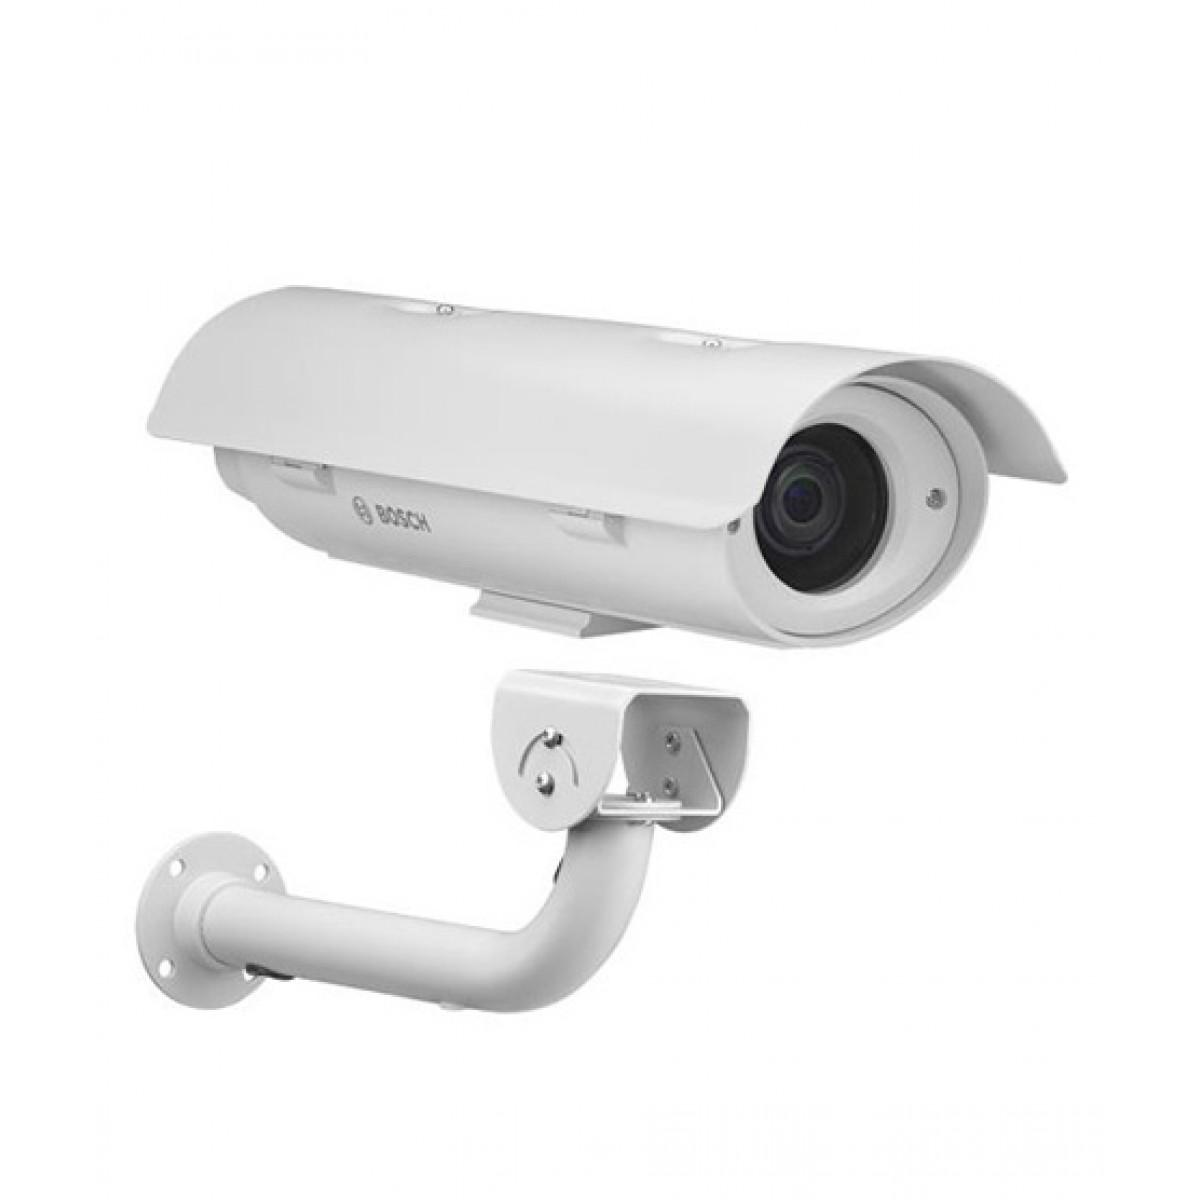 Bosch DINION IP Starlight 7000 Outdoor Camera Kit NKN-71013-BA3-20N